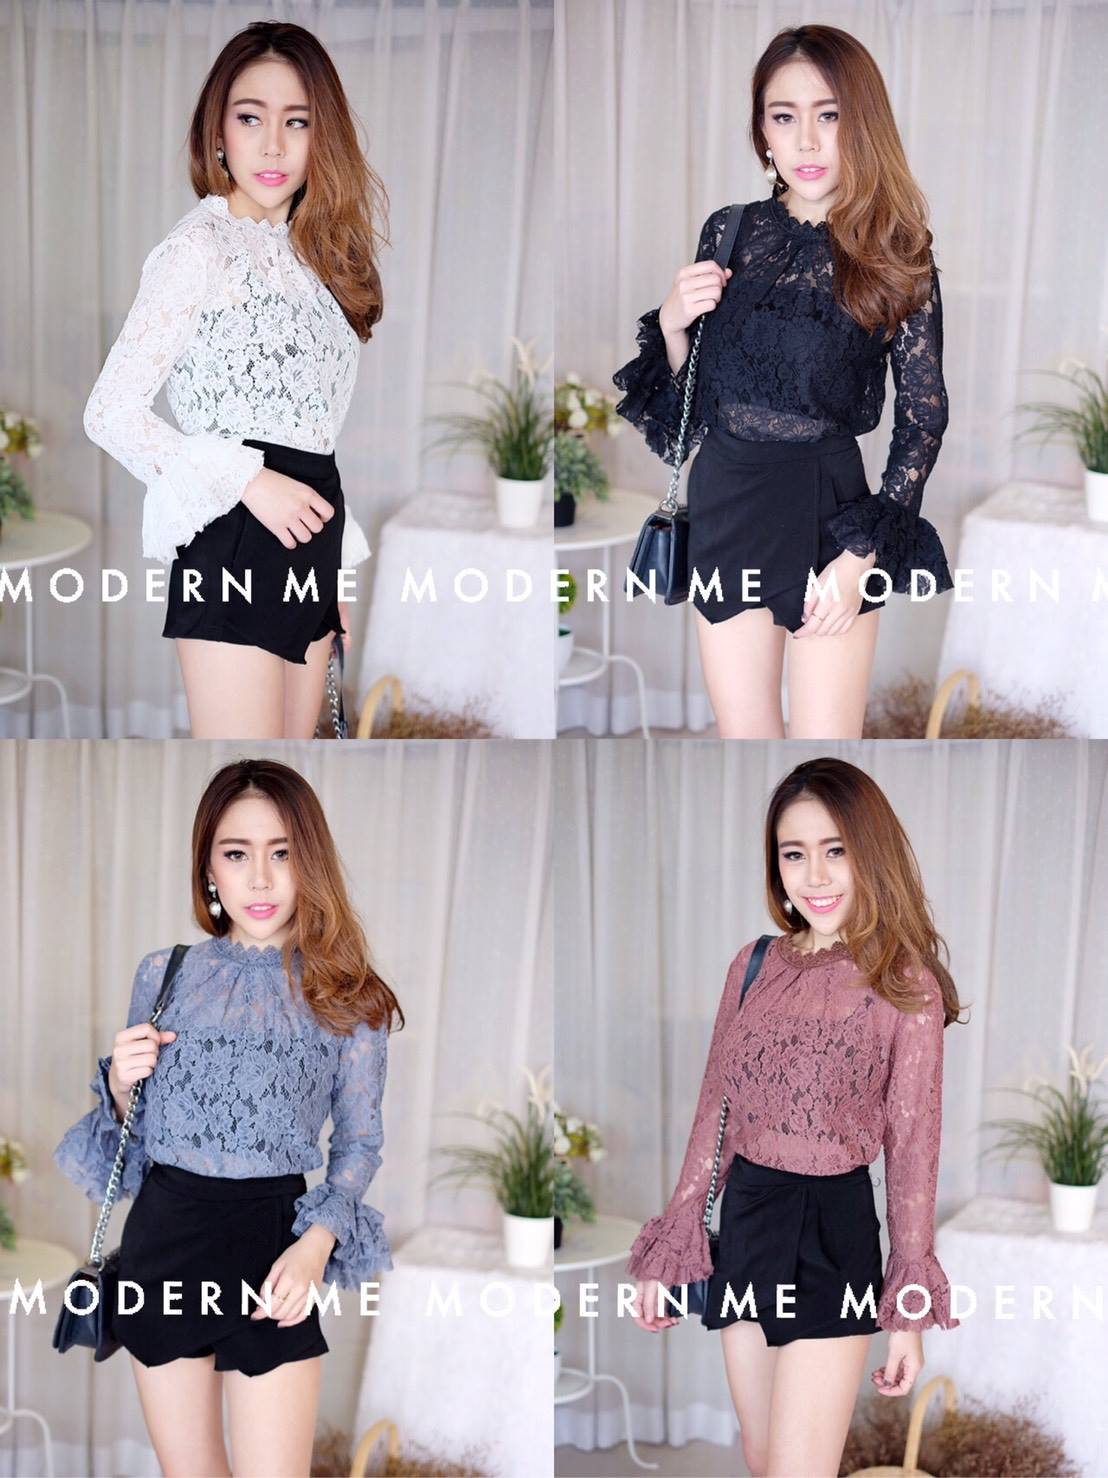 เสื้อผ้าเกาหลีพร้อมส่ง เสื้อลูกไม้งานสวยทรงเป๊ะดีไซน์เก๋ได้ลุคสาวหวานสุดๆค่า